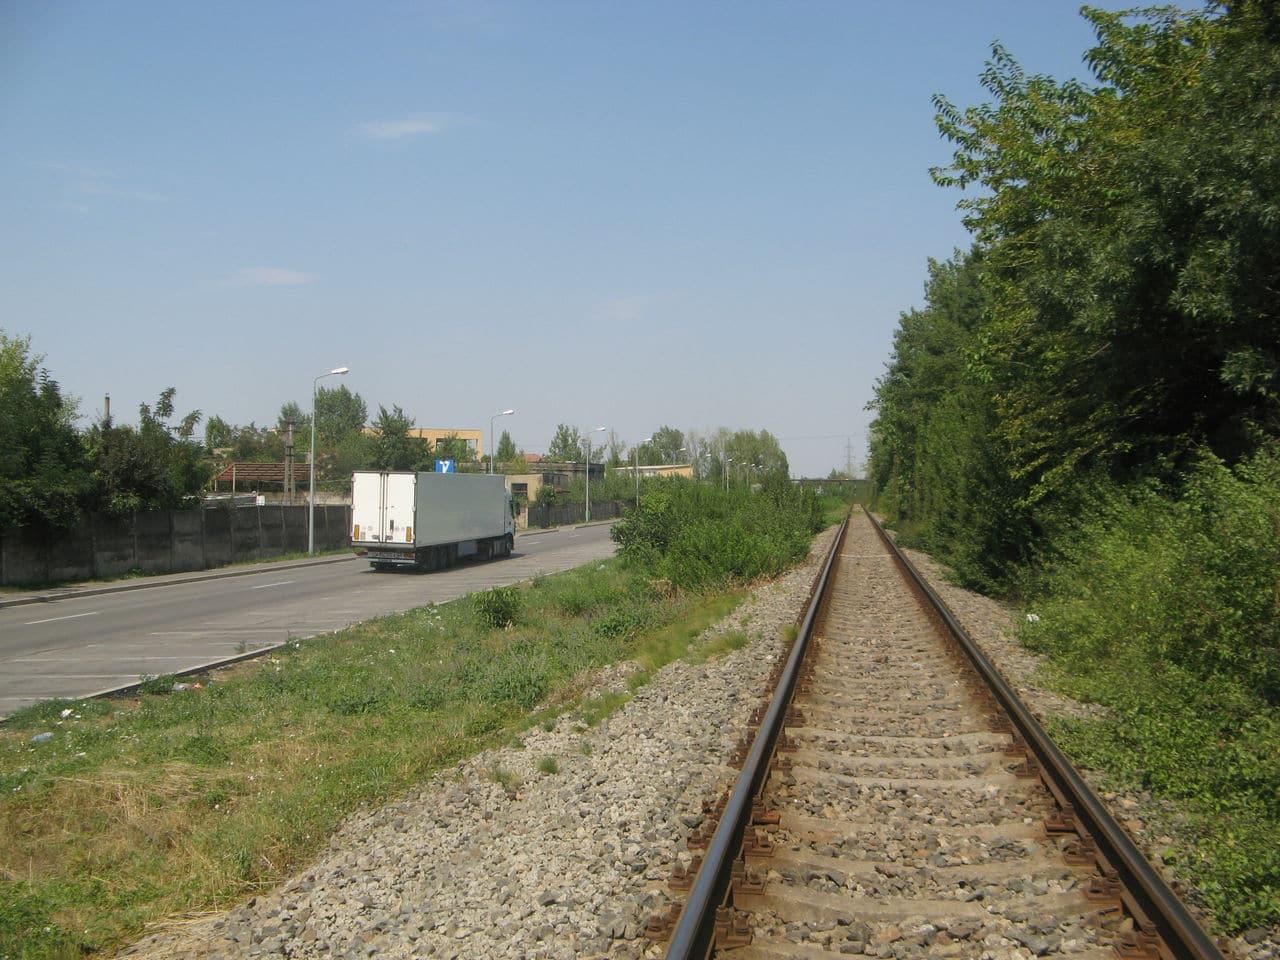 Calea ferată directă Oradea Vest - Episcopia Bihor IMG_0045